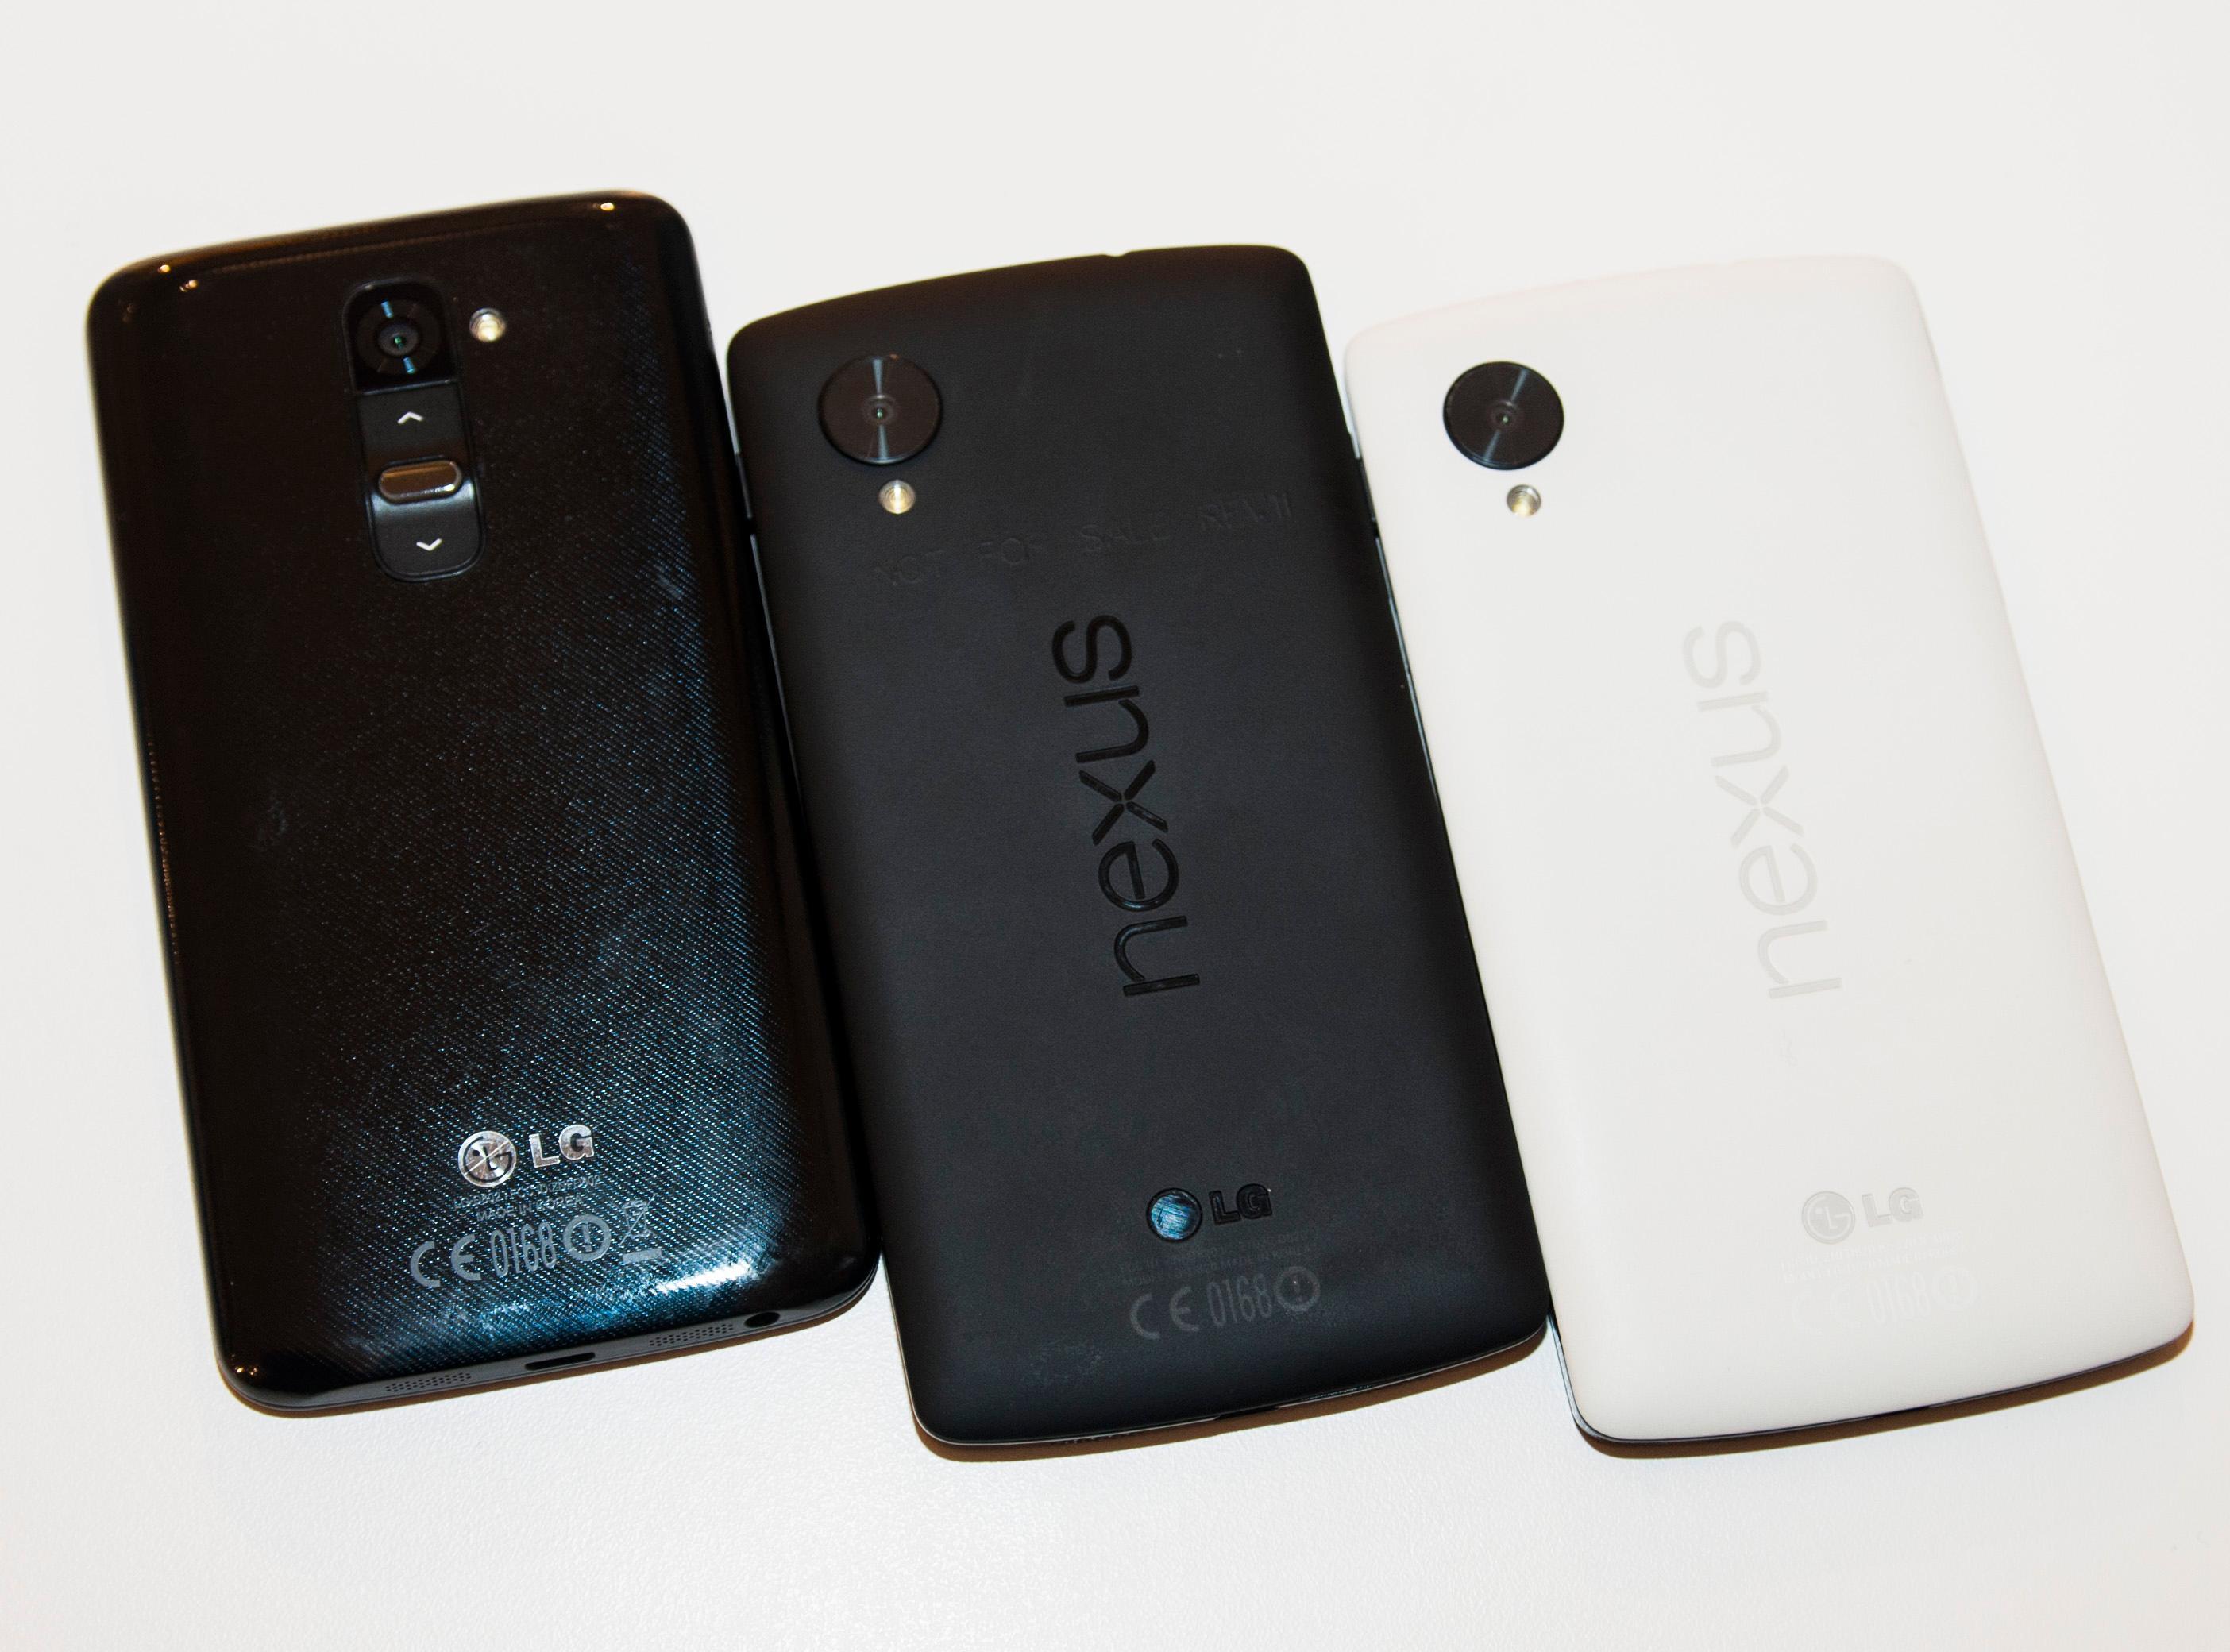 Tre varianter LG. Fra venstre: Selskapets egen toppmodell, G2, Nexus 5 i helt sort utgave, og den tofargede versjonen med hvit bakside.